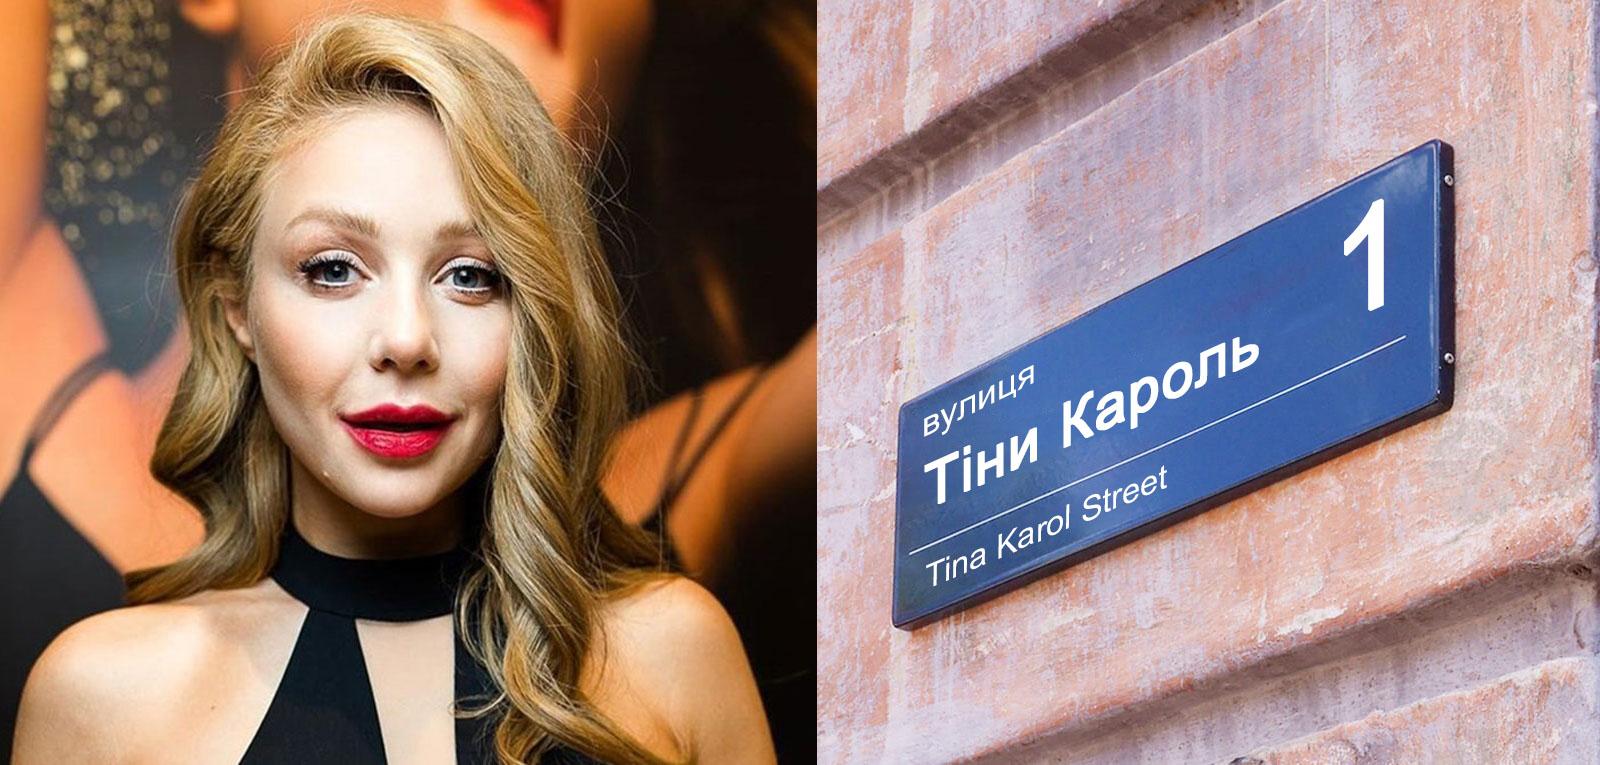 В Івано-Франківській ОТГ з'явиться вулиця Тіни Кароль